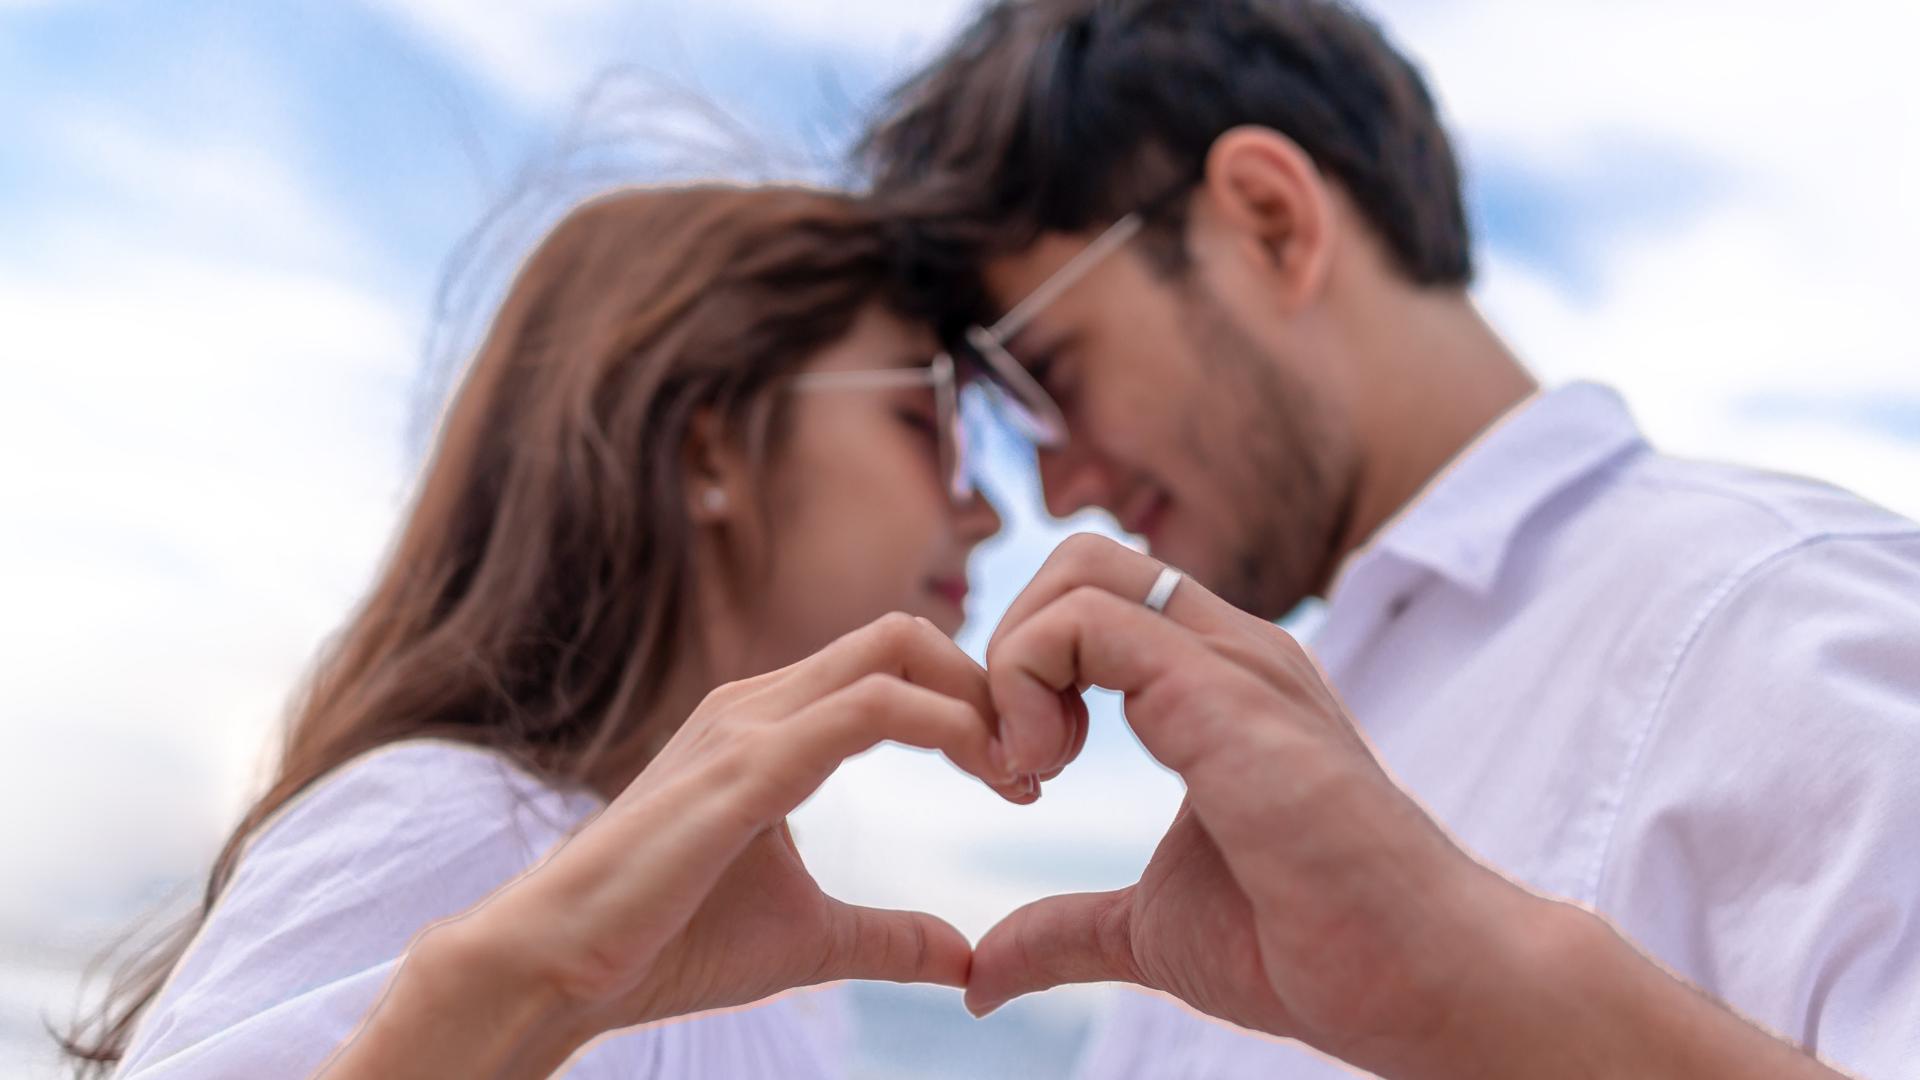 Existem mandamentos no namoro cristão?